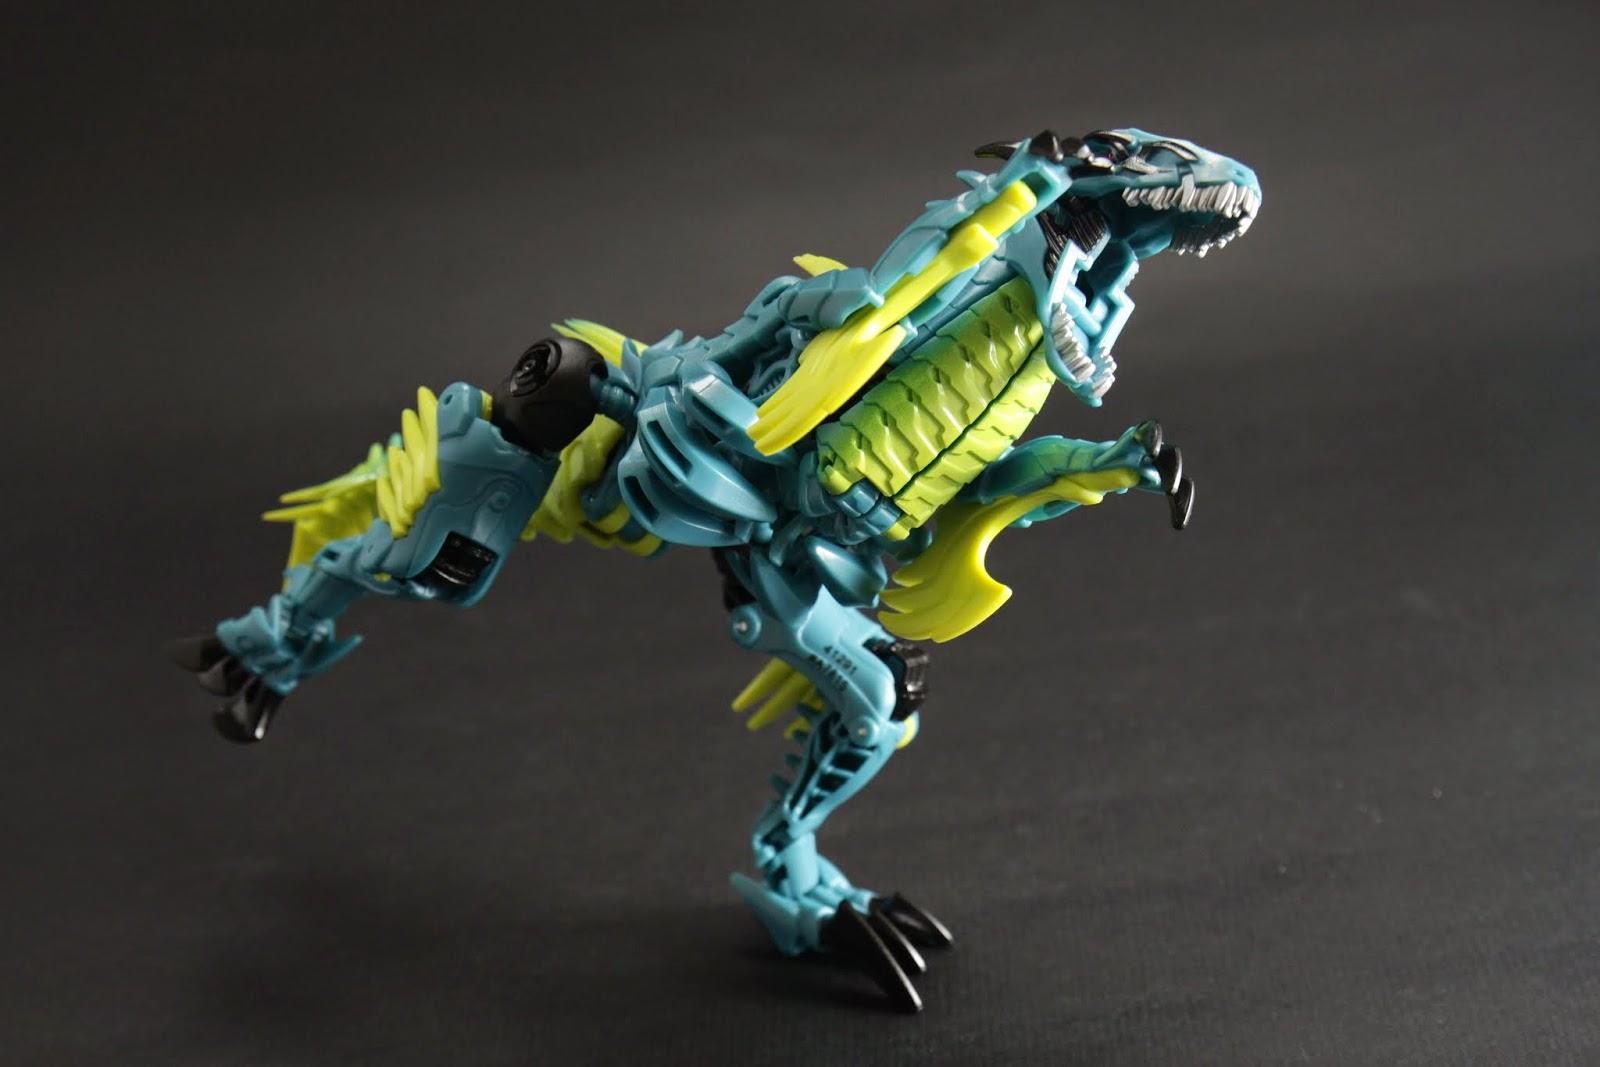 恐龍型態的可動性大概這樣 手指有肩膀能動